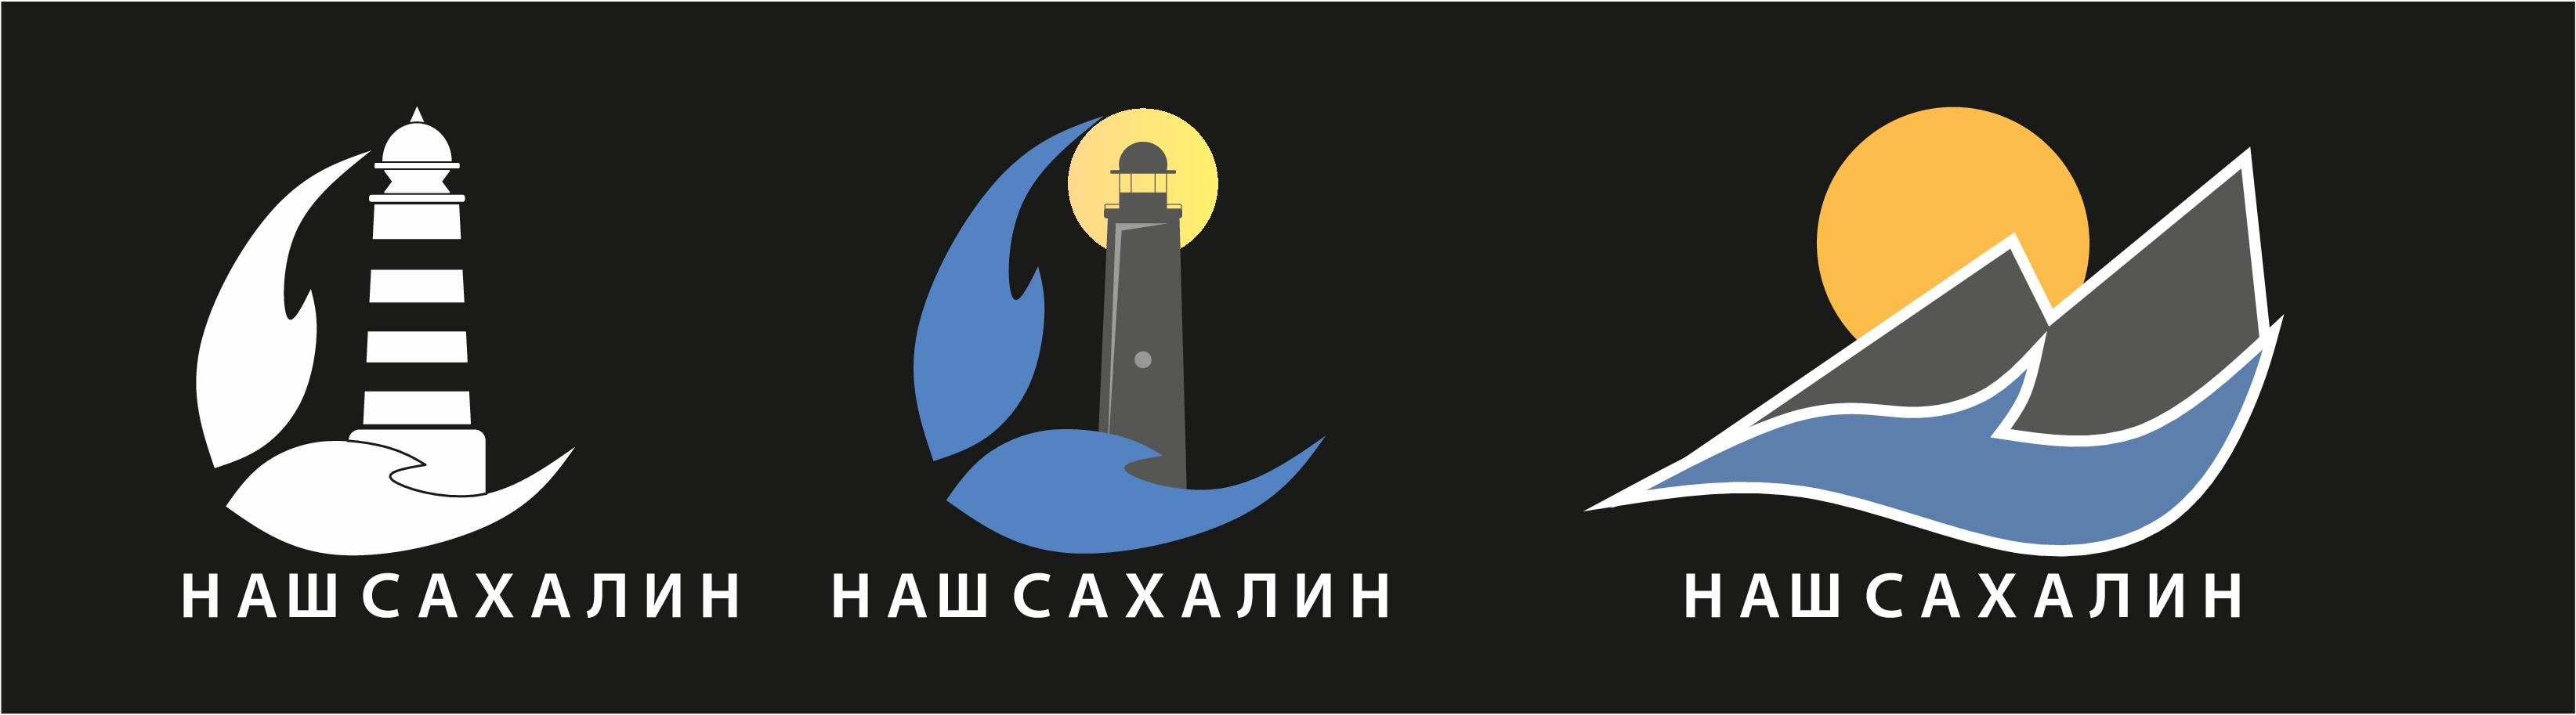 """Логотип для некоммерческой организации """"Наш Сахалин"""" фото f_3475a7cadcda3c7a.jpg"""